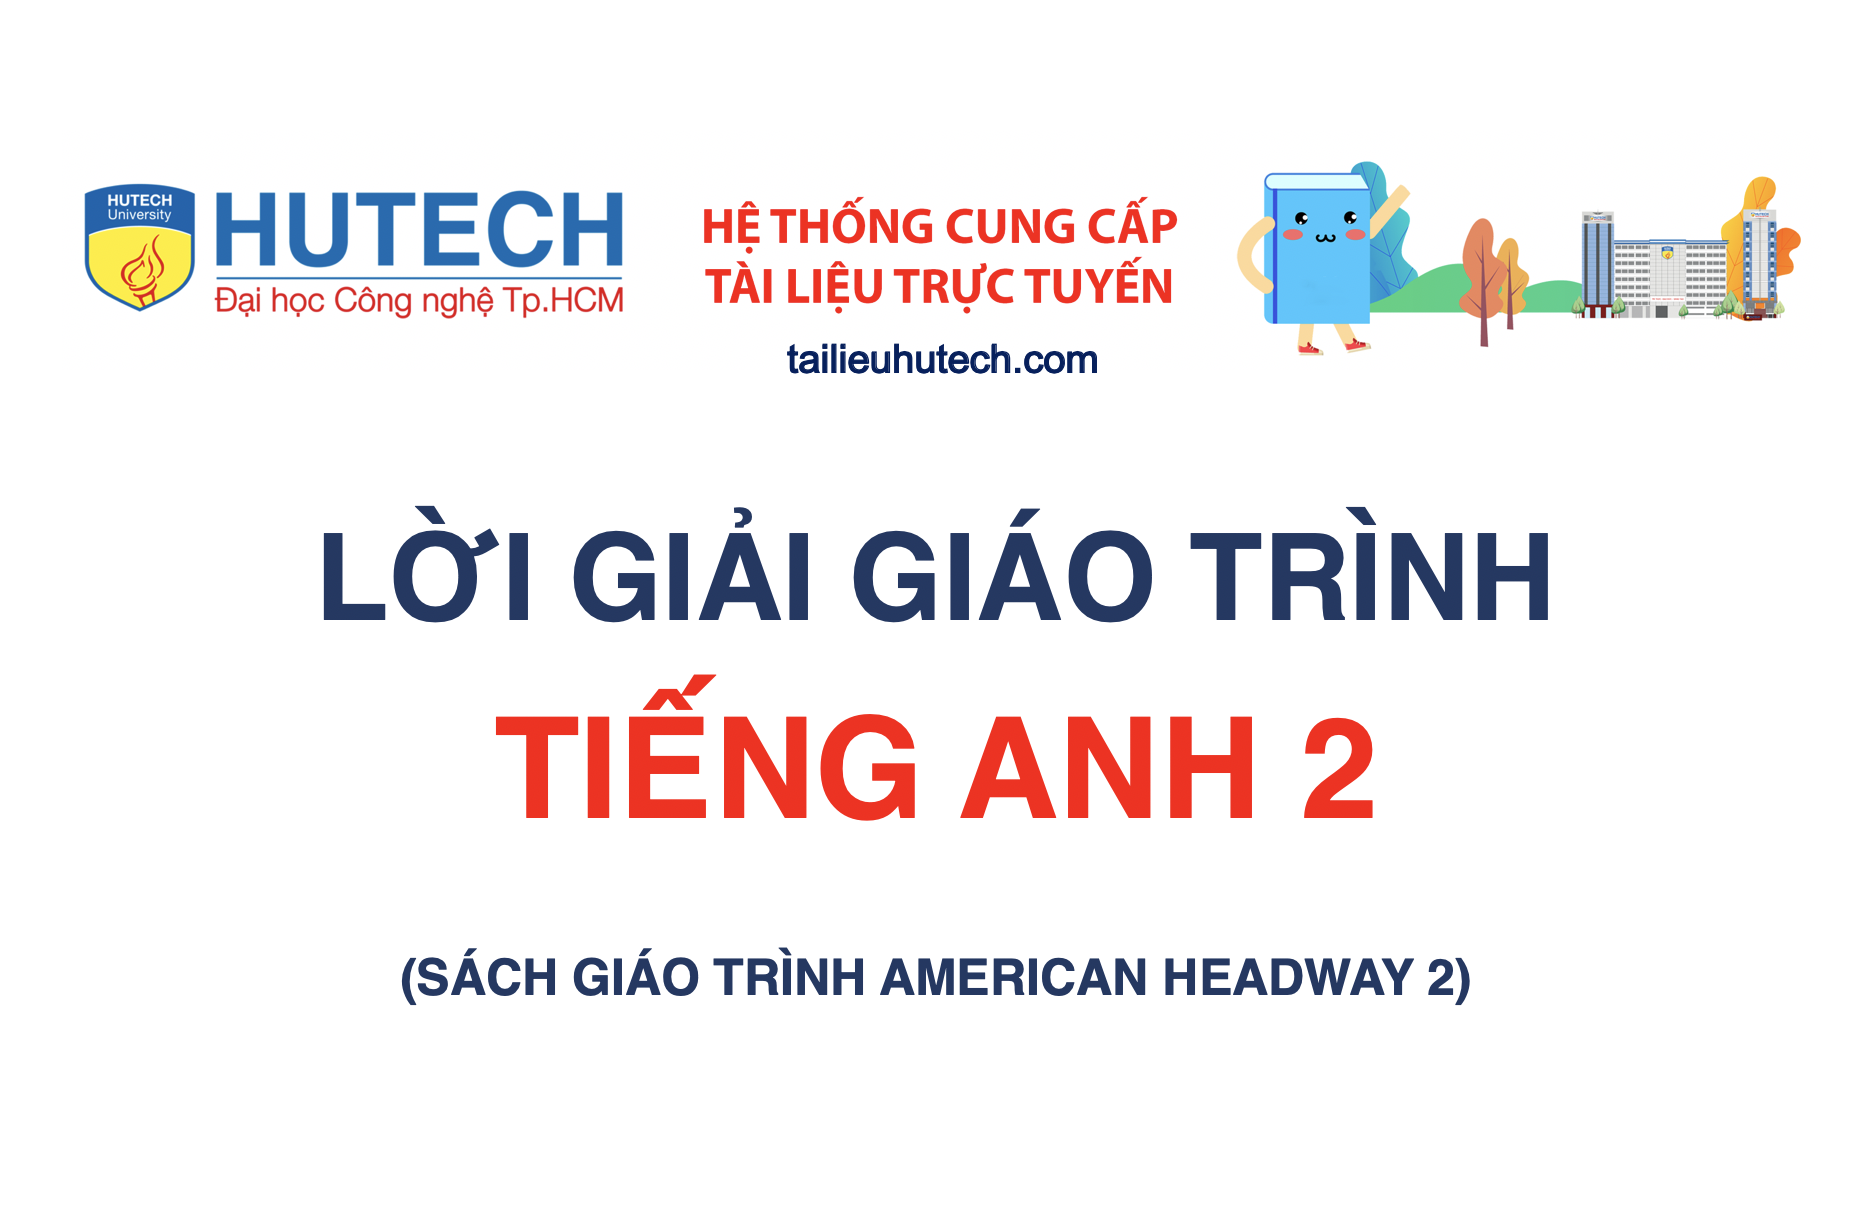 [Lời giải Giáo trình] Tiếng Anh 2 (American Headway)